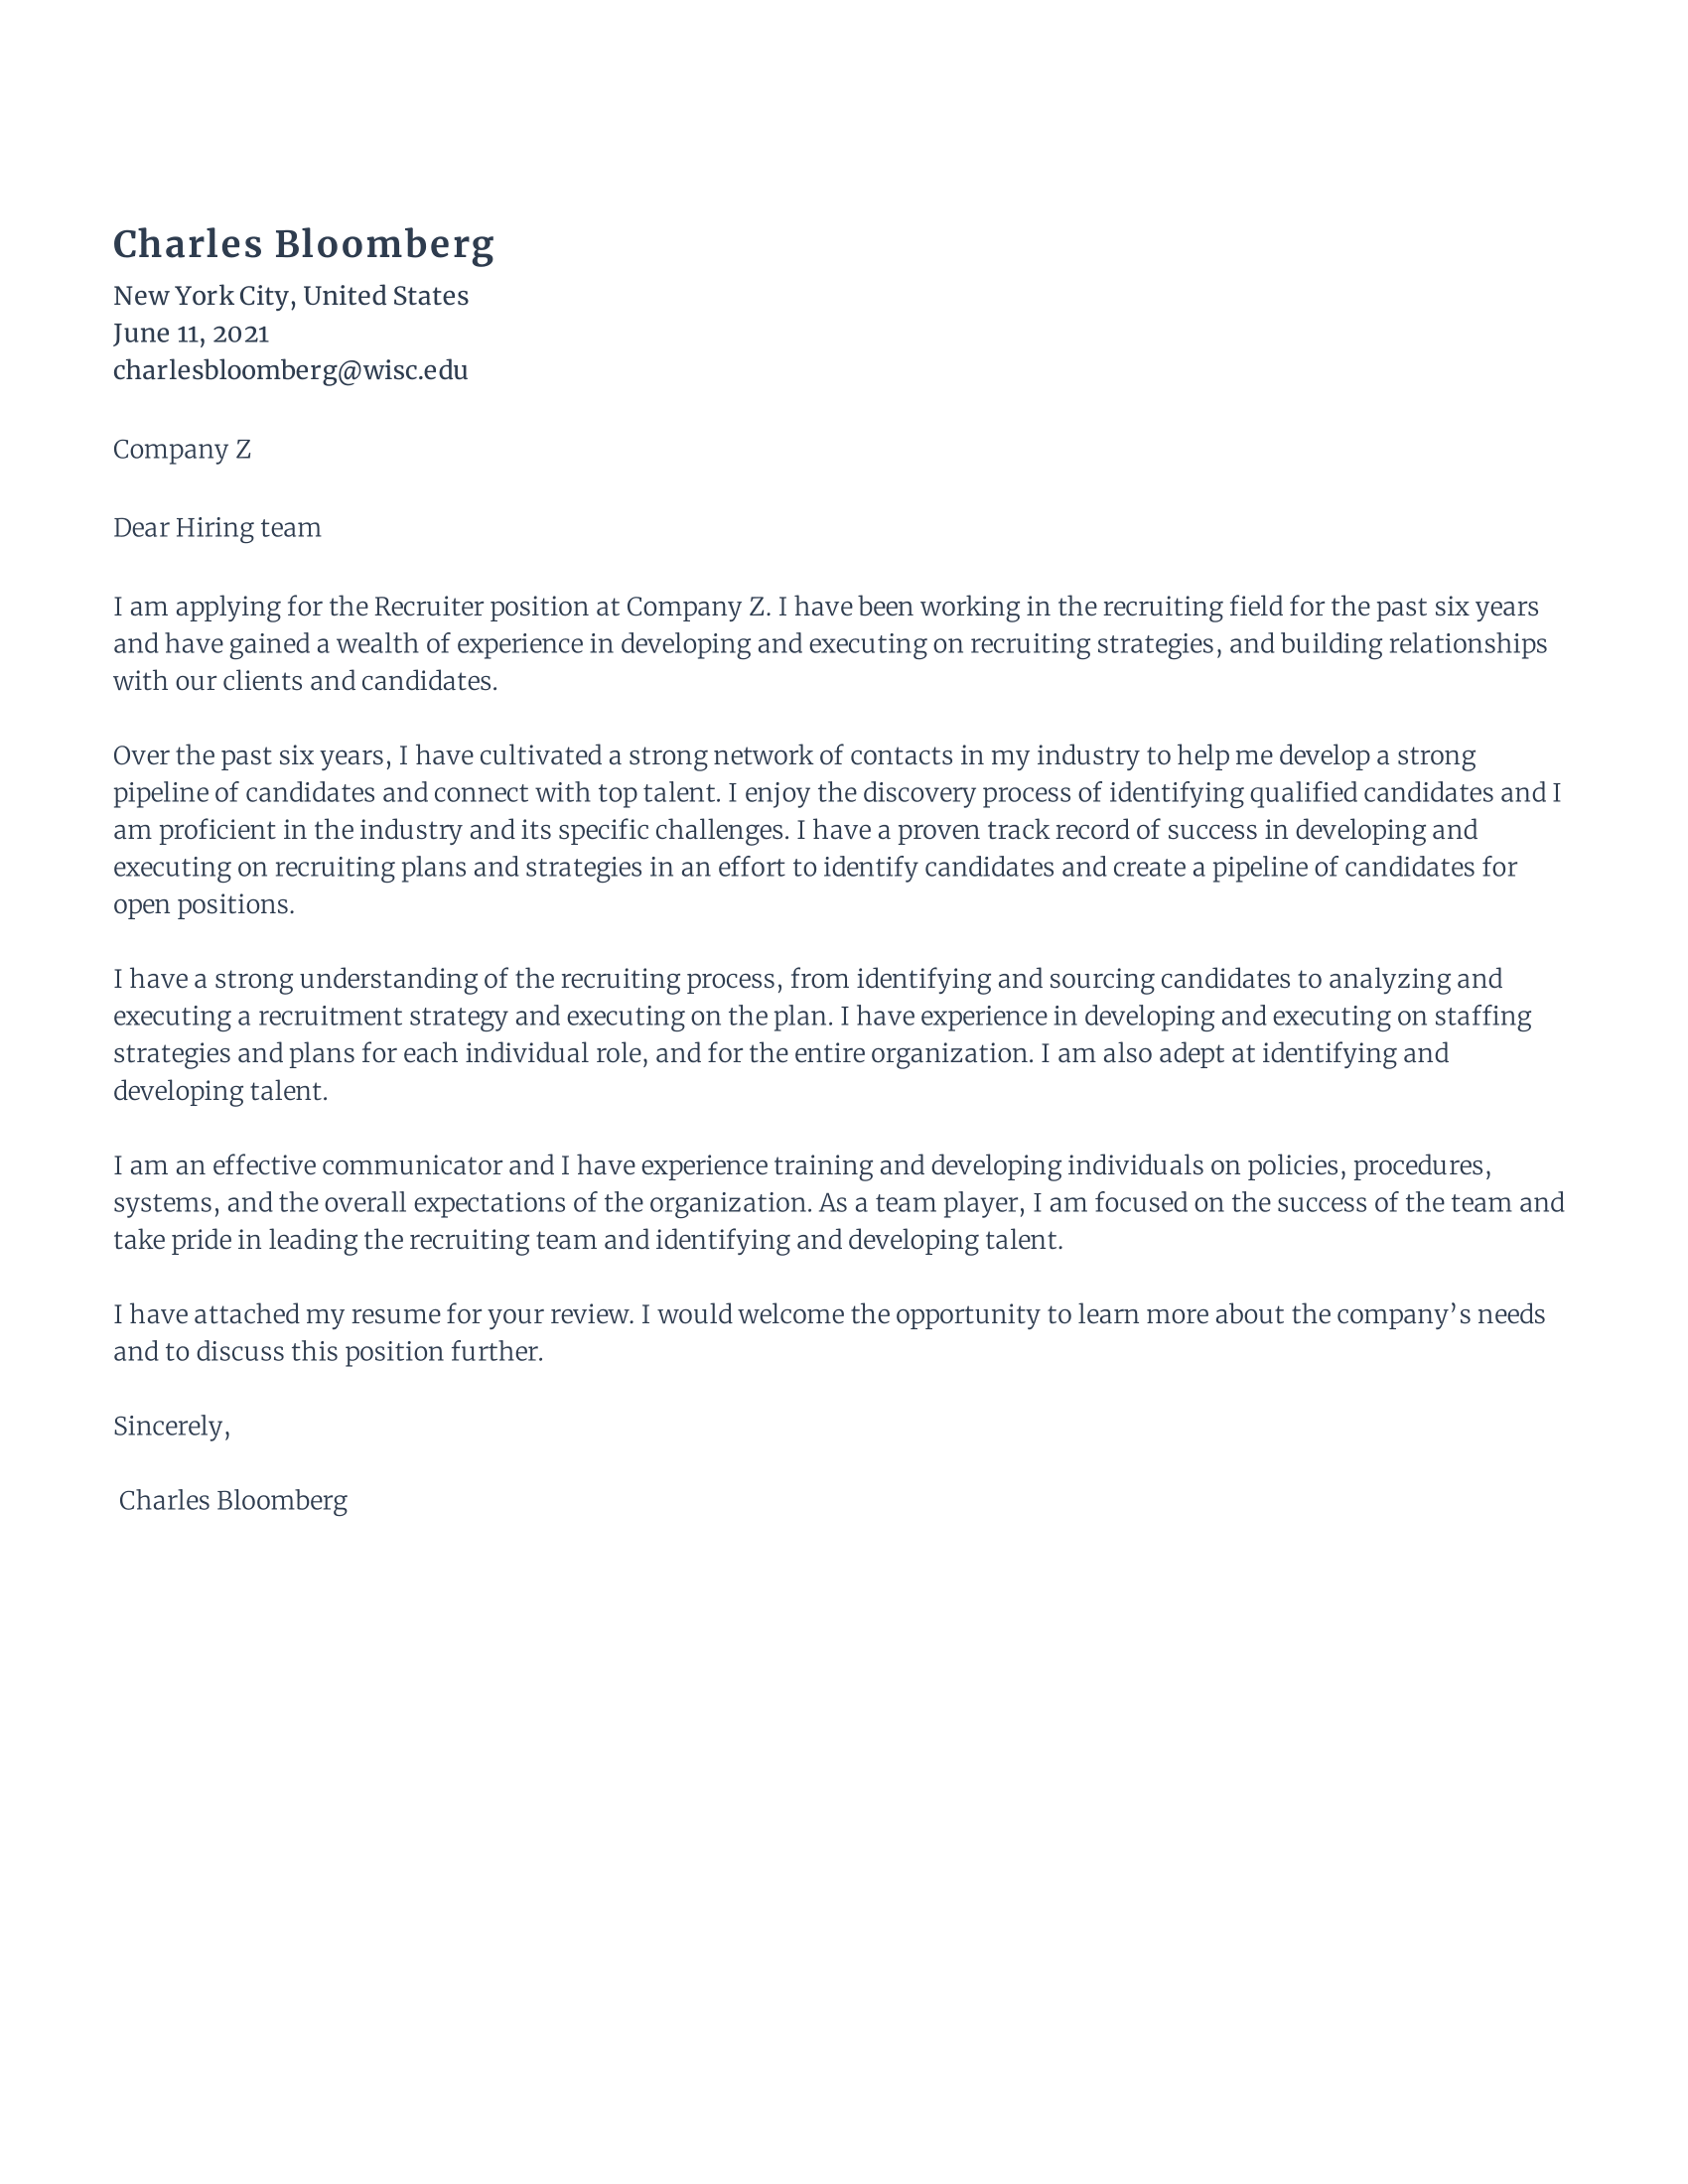 Recruiter Cover Letter